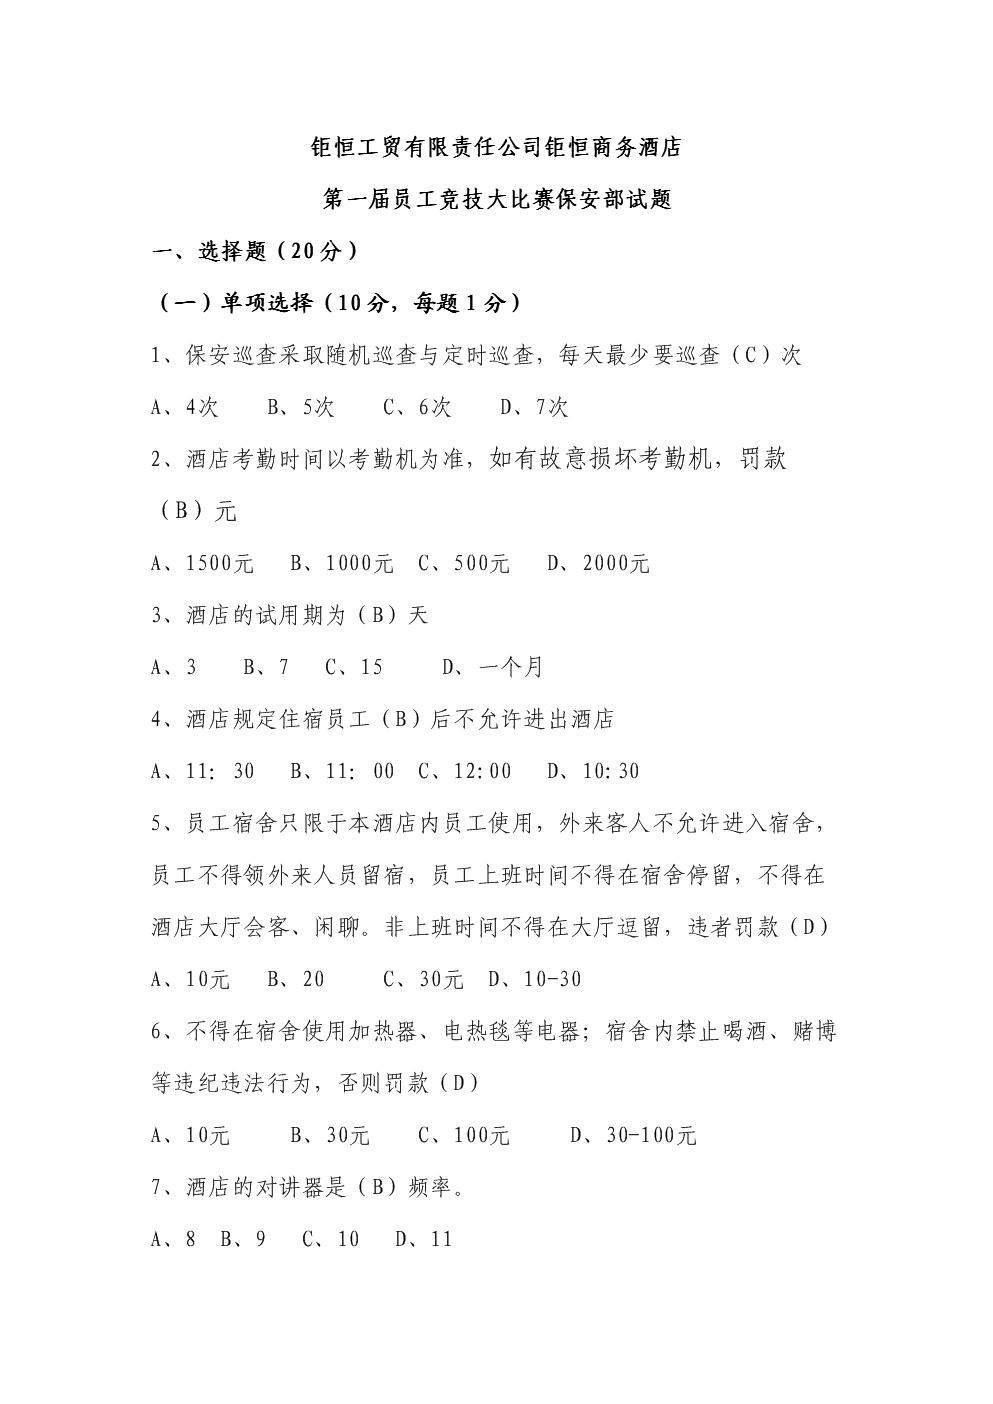 酒店保安部试题.doc